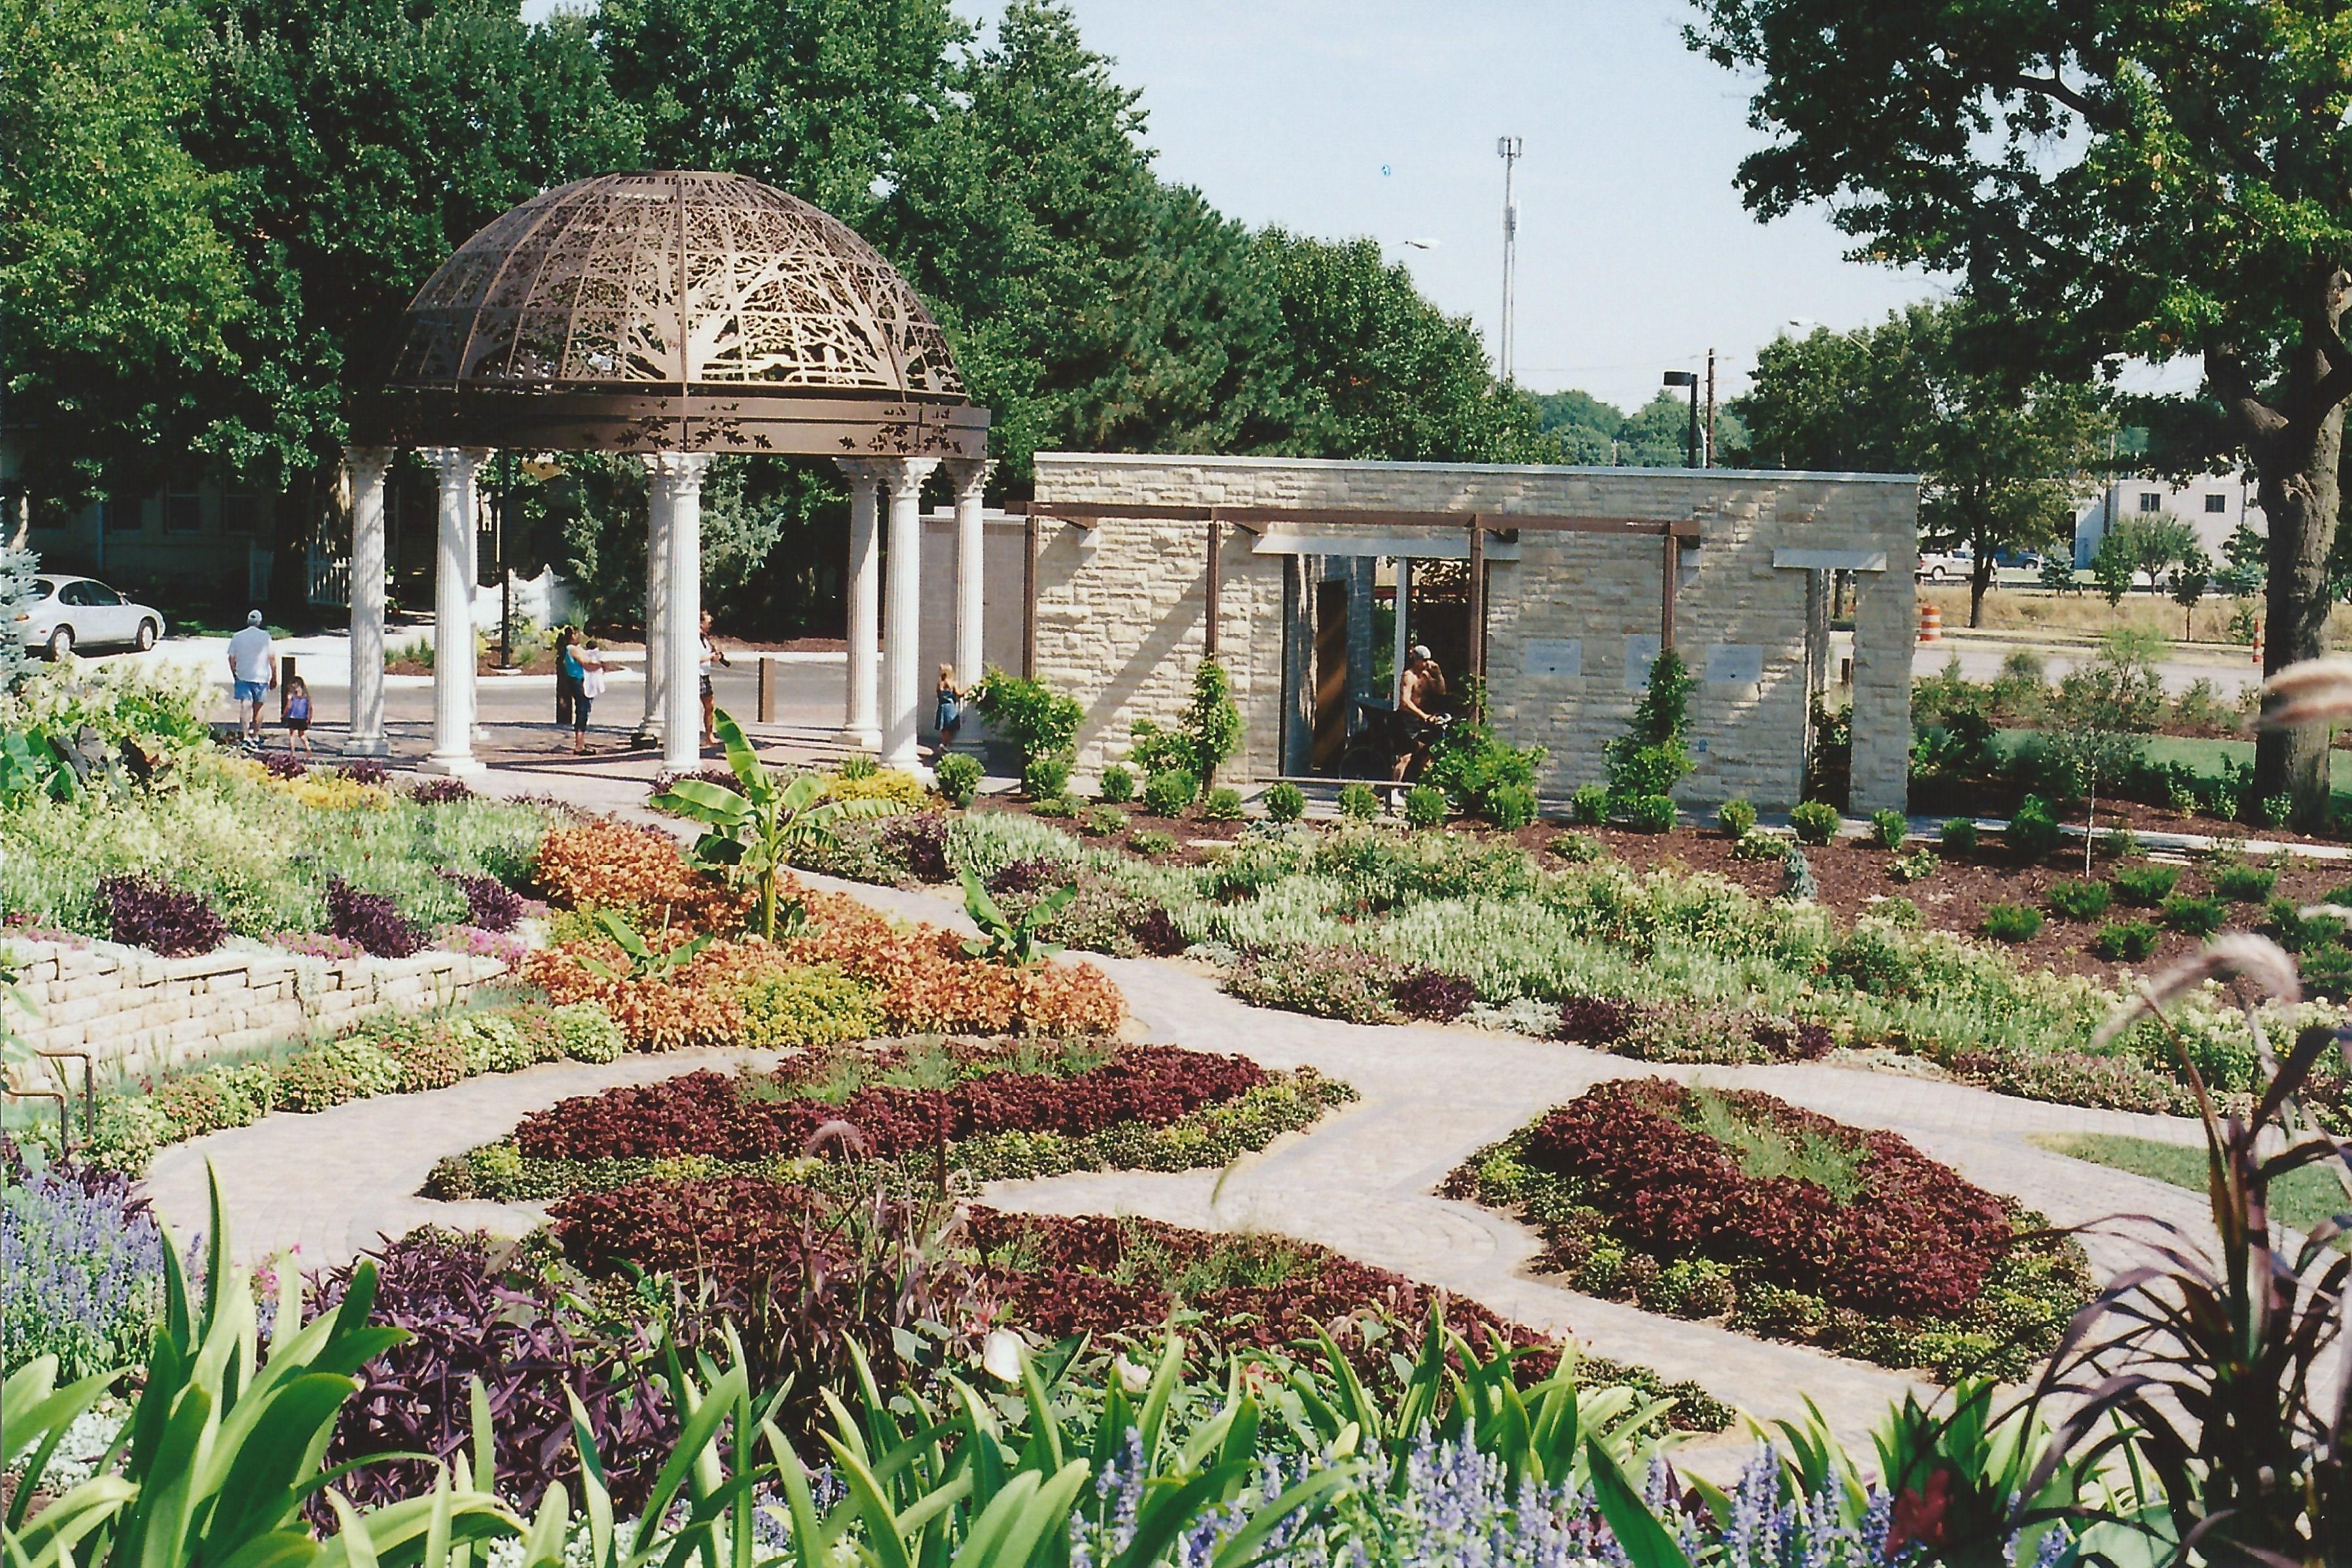 Backyard Farmer Garden Lincoln Ne - Garden Design